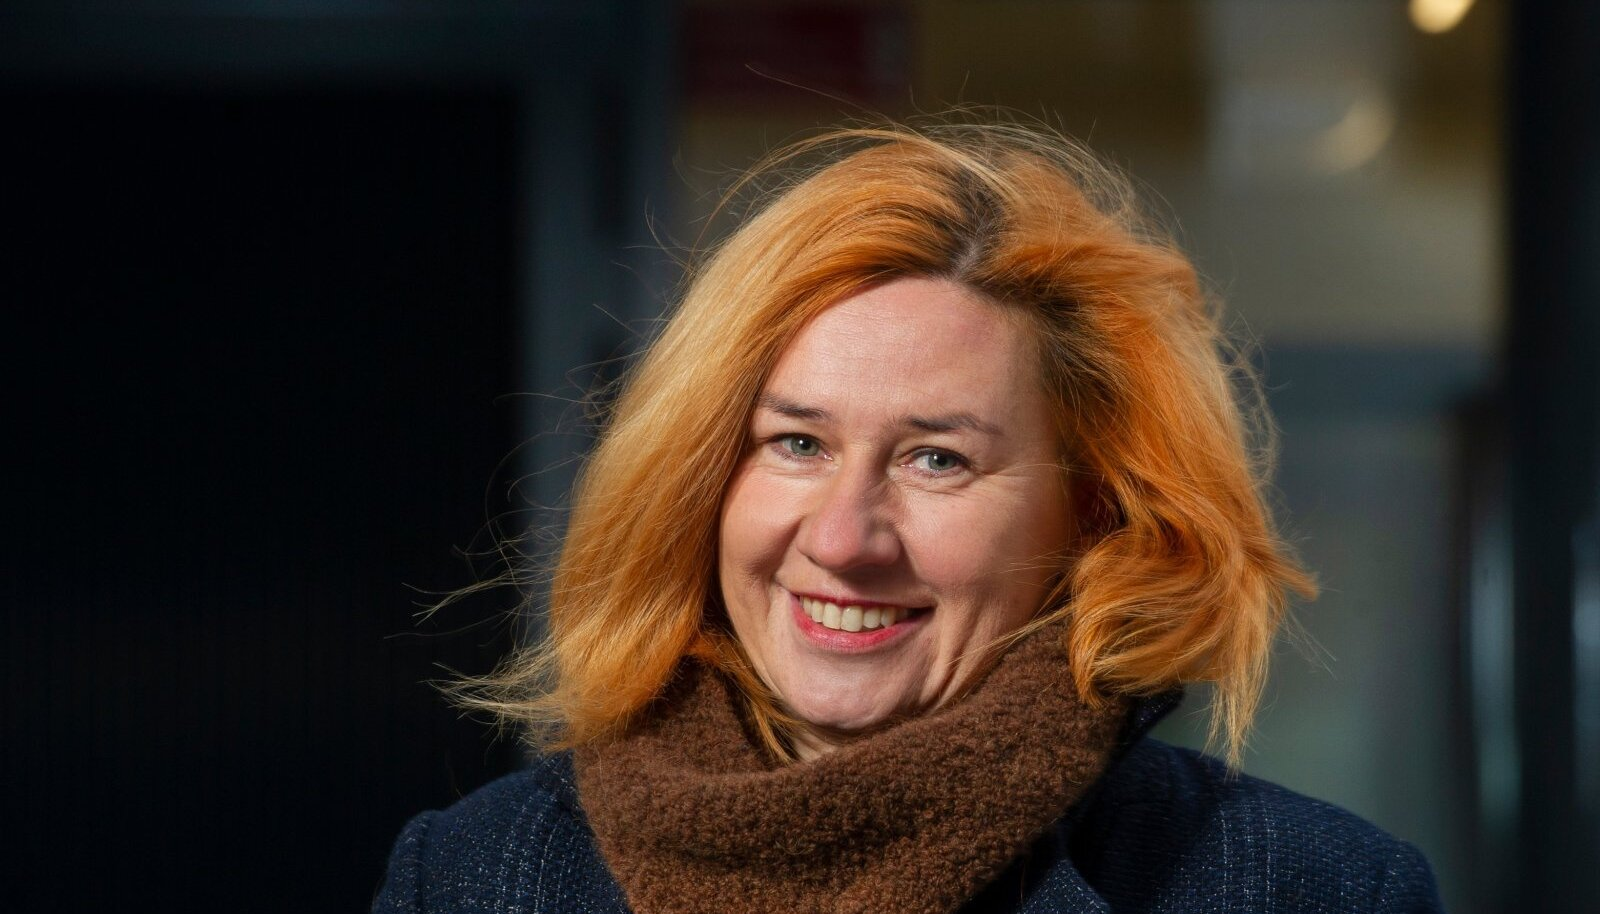 SAAB PAREMINI: Eesti ühiskonda on tekkinud palju võõrandumist, kurjust ja lärmamist. See ei peaks nii olema, leiab Lavly Perling.